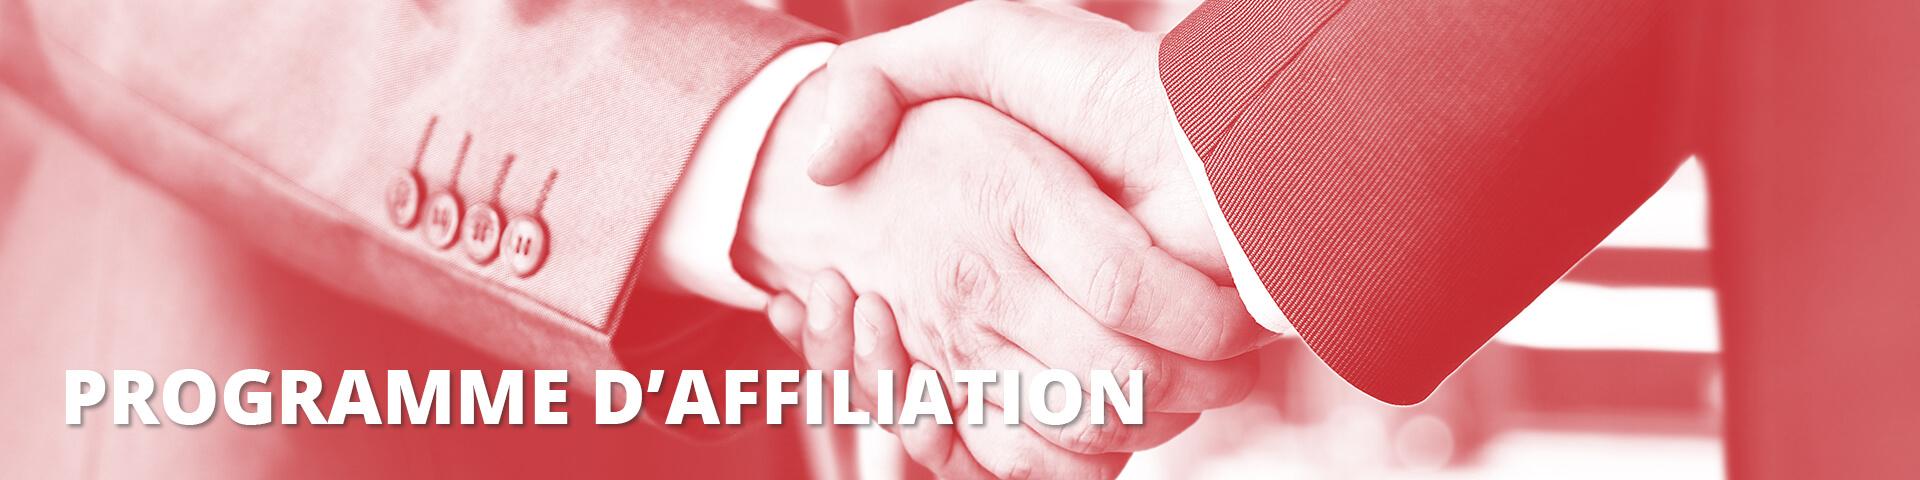 hbfr-affiliateprogram